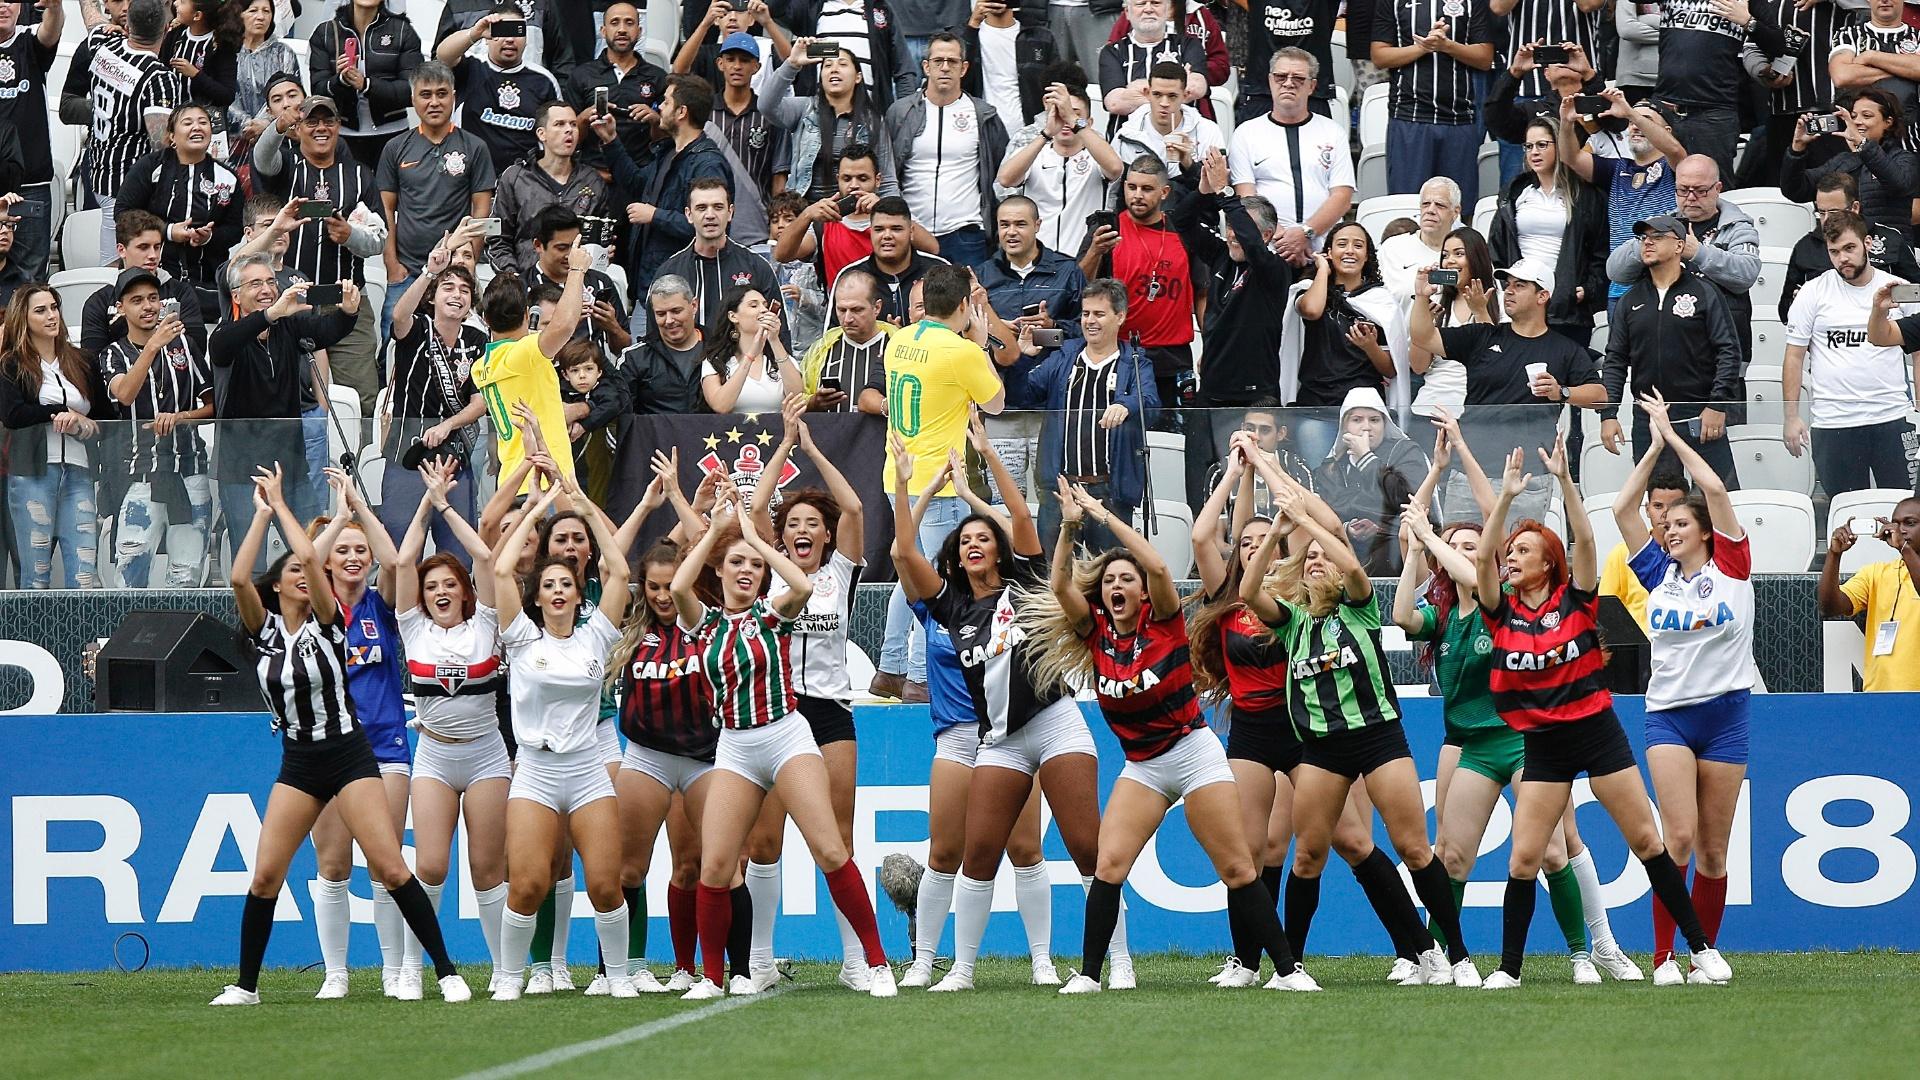 Marcos e Belutti fazem show na abertura do Brasileirão e dançarinas se apresentam com as camisas dos clubes